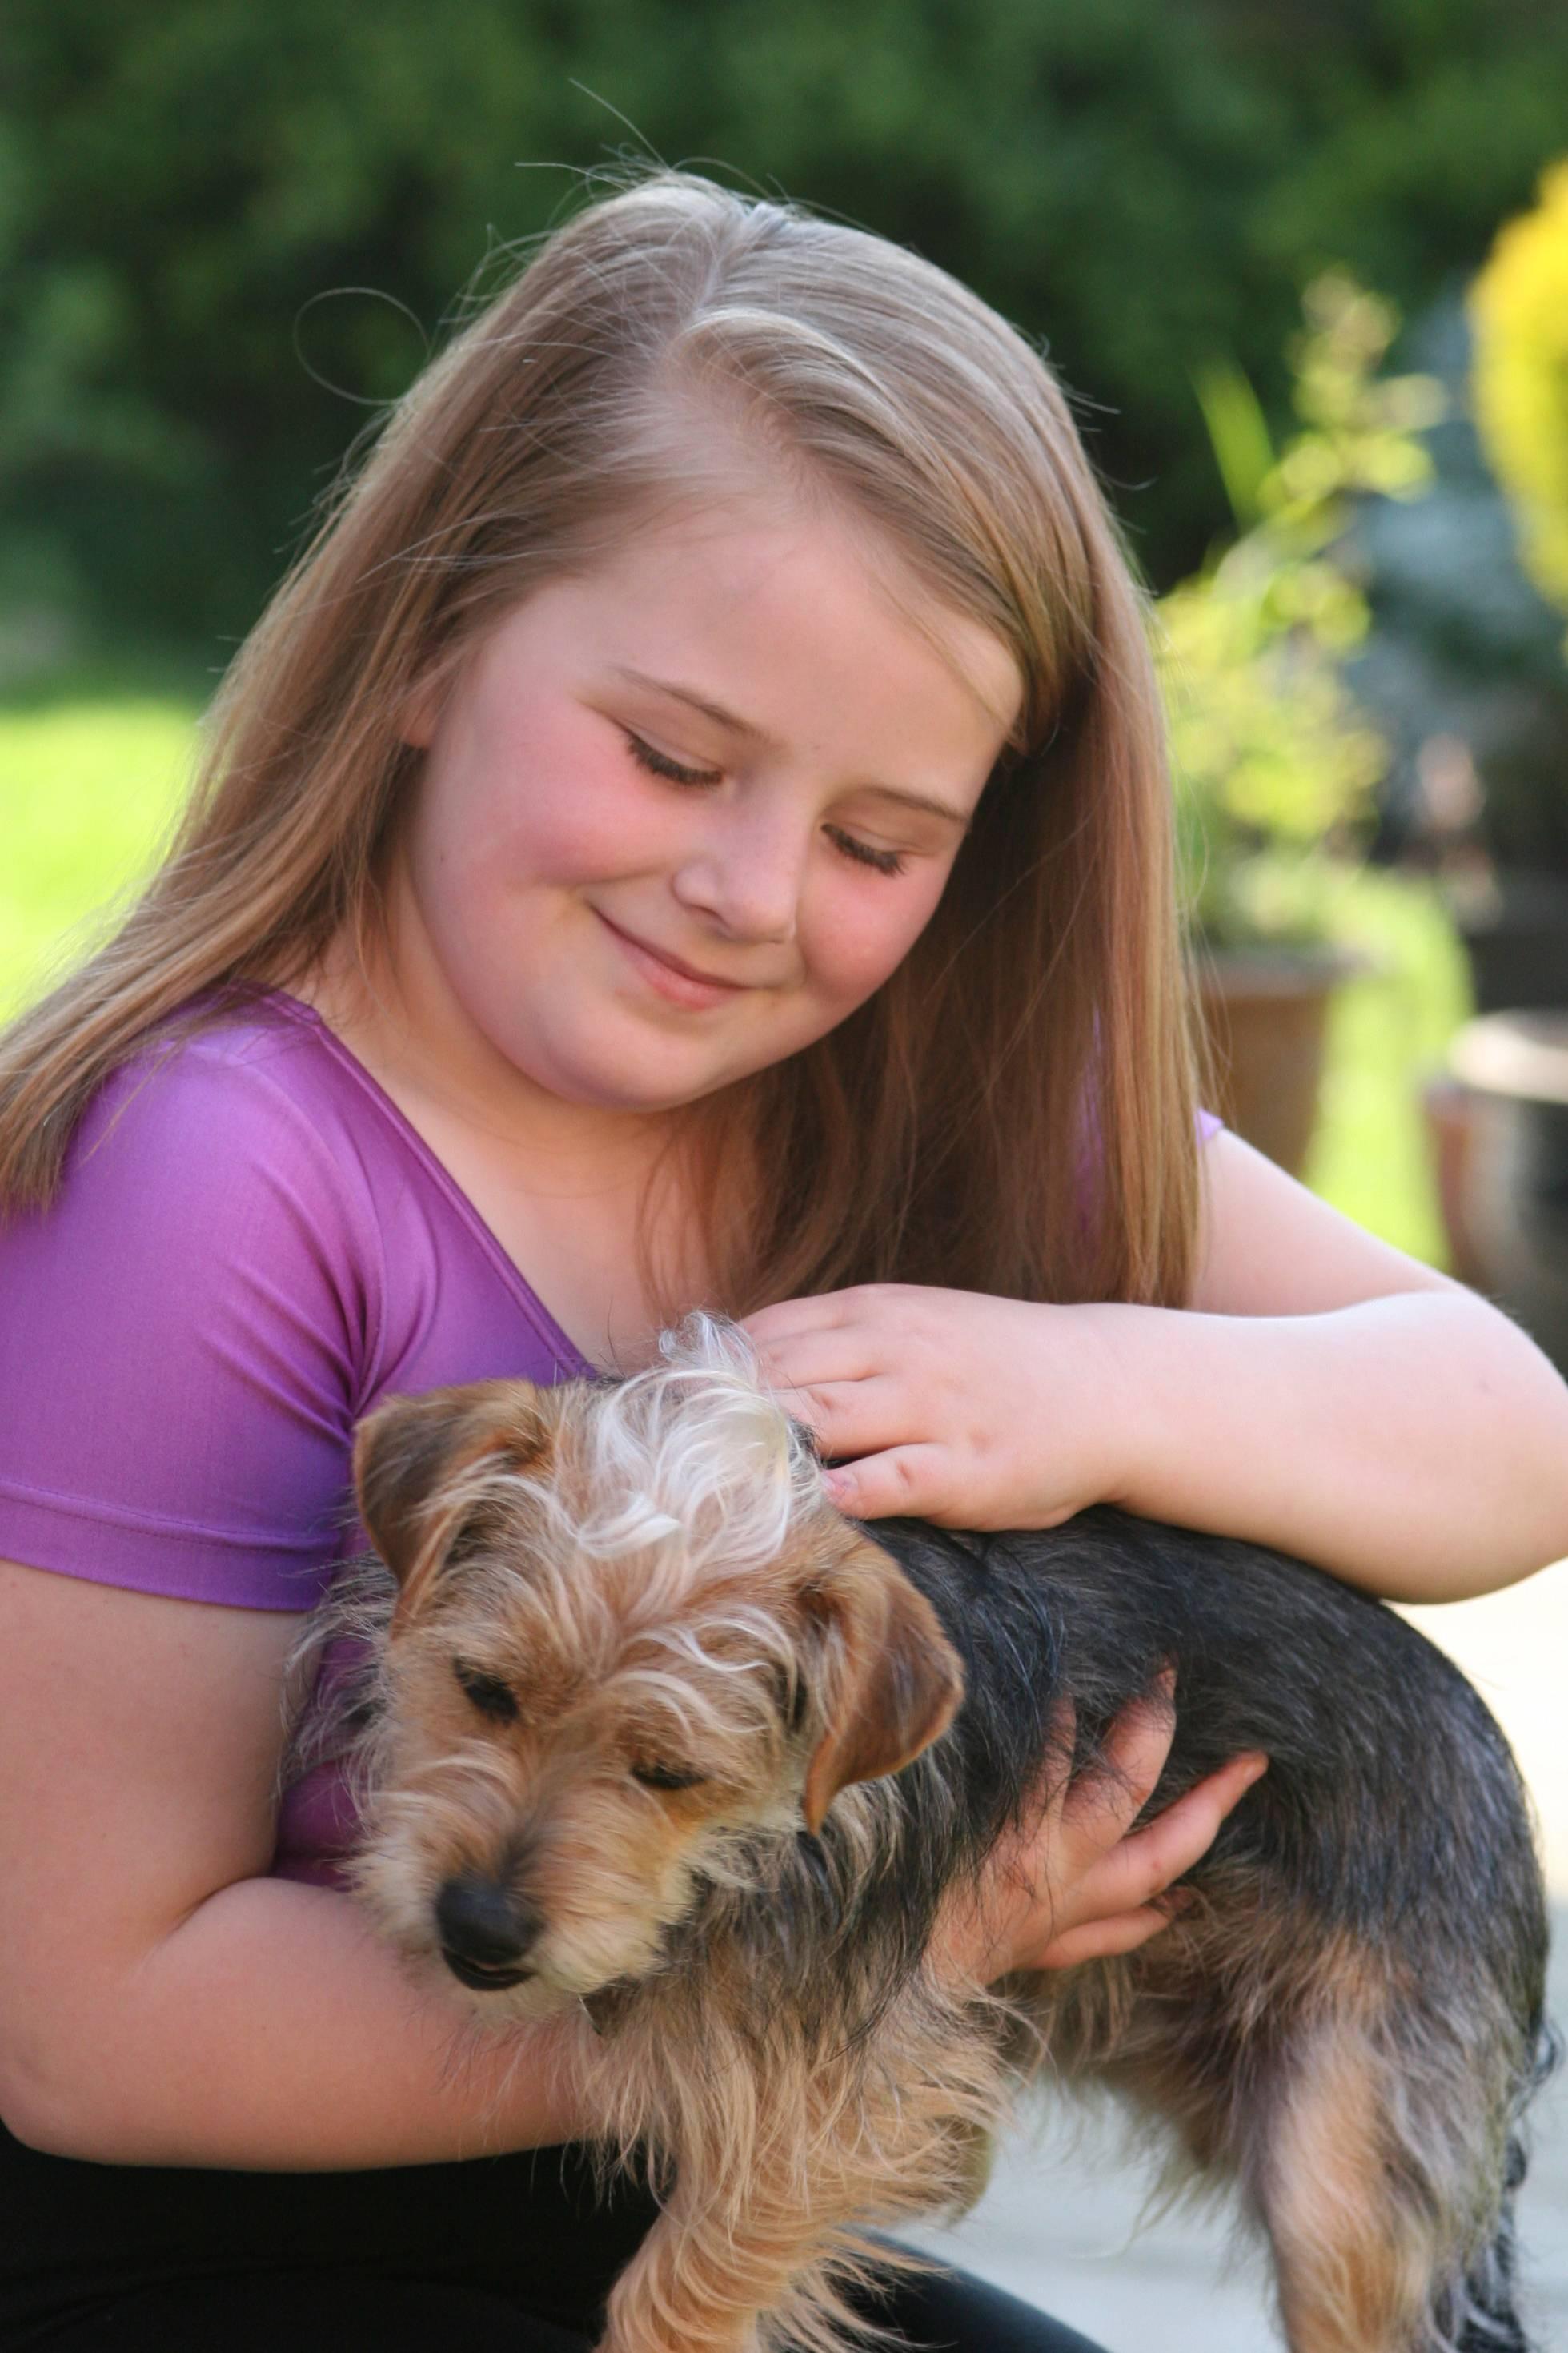 Как правильно уговаривать маму и папу, чтобы разрешили завести собачку